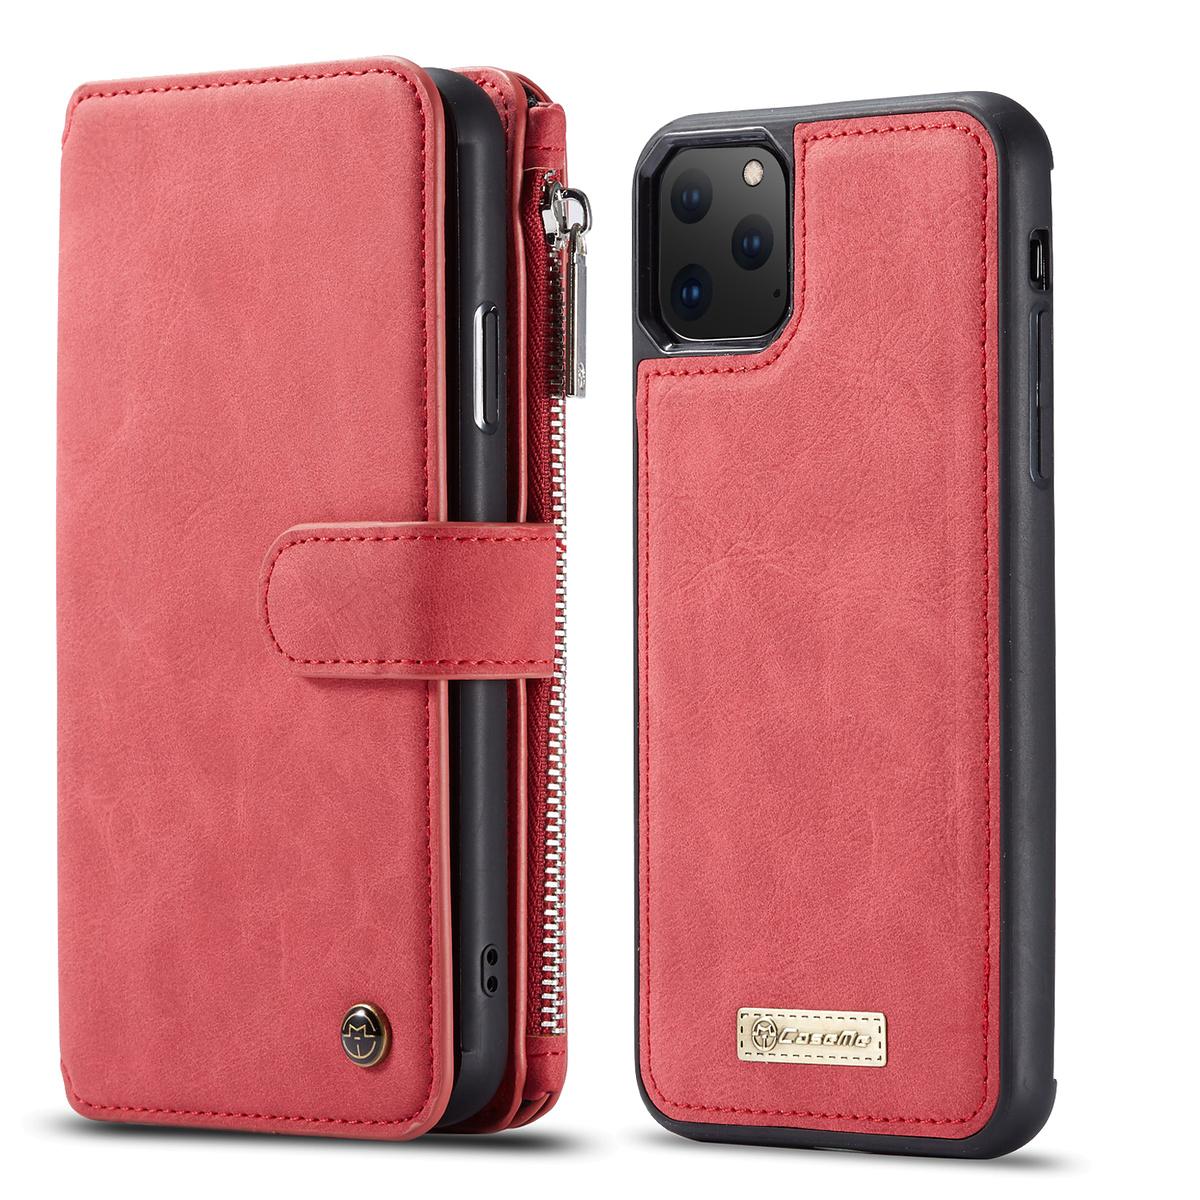 CaseMe plånboksfodral med magnetskal, iPhone 11 Pro, röd